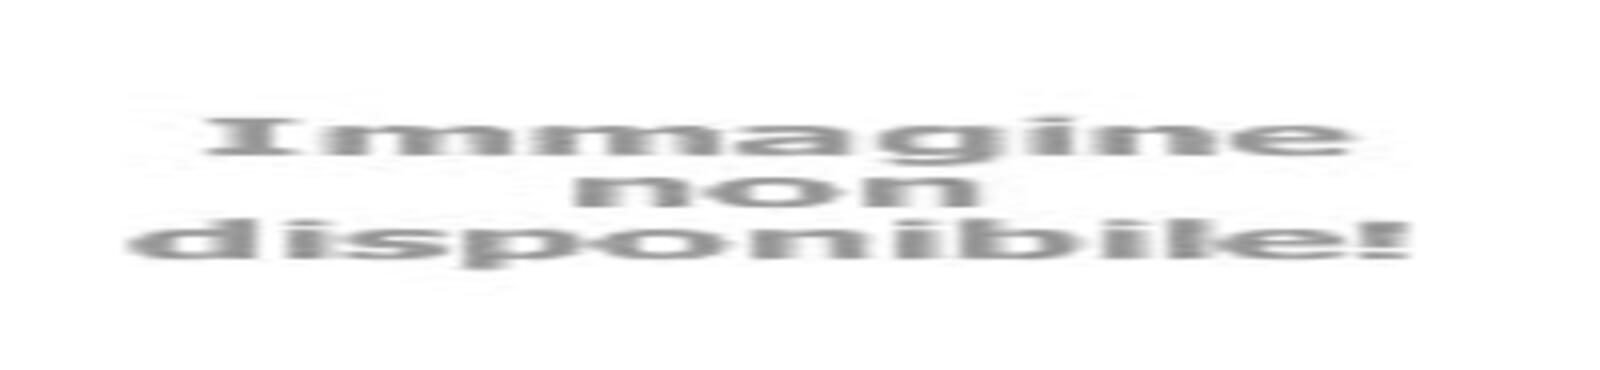 petronianaviaggi it oratorio-di-santa-cecilia-e-san-giacomo-maggiore-v355 002